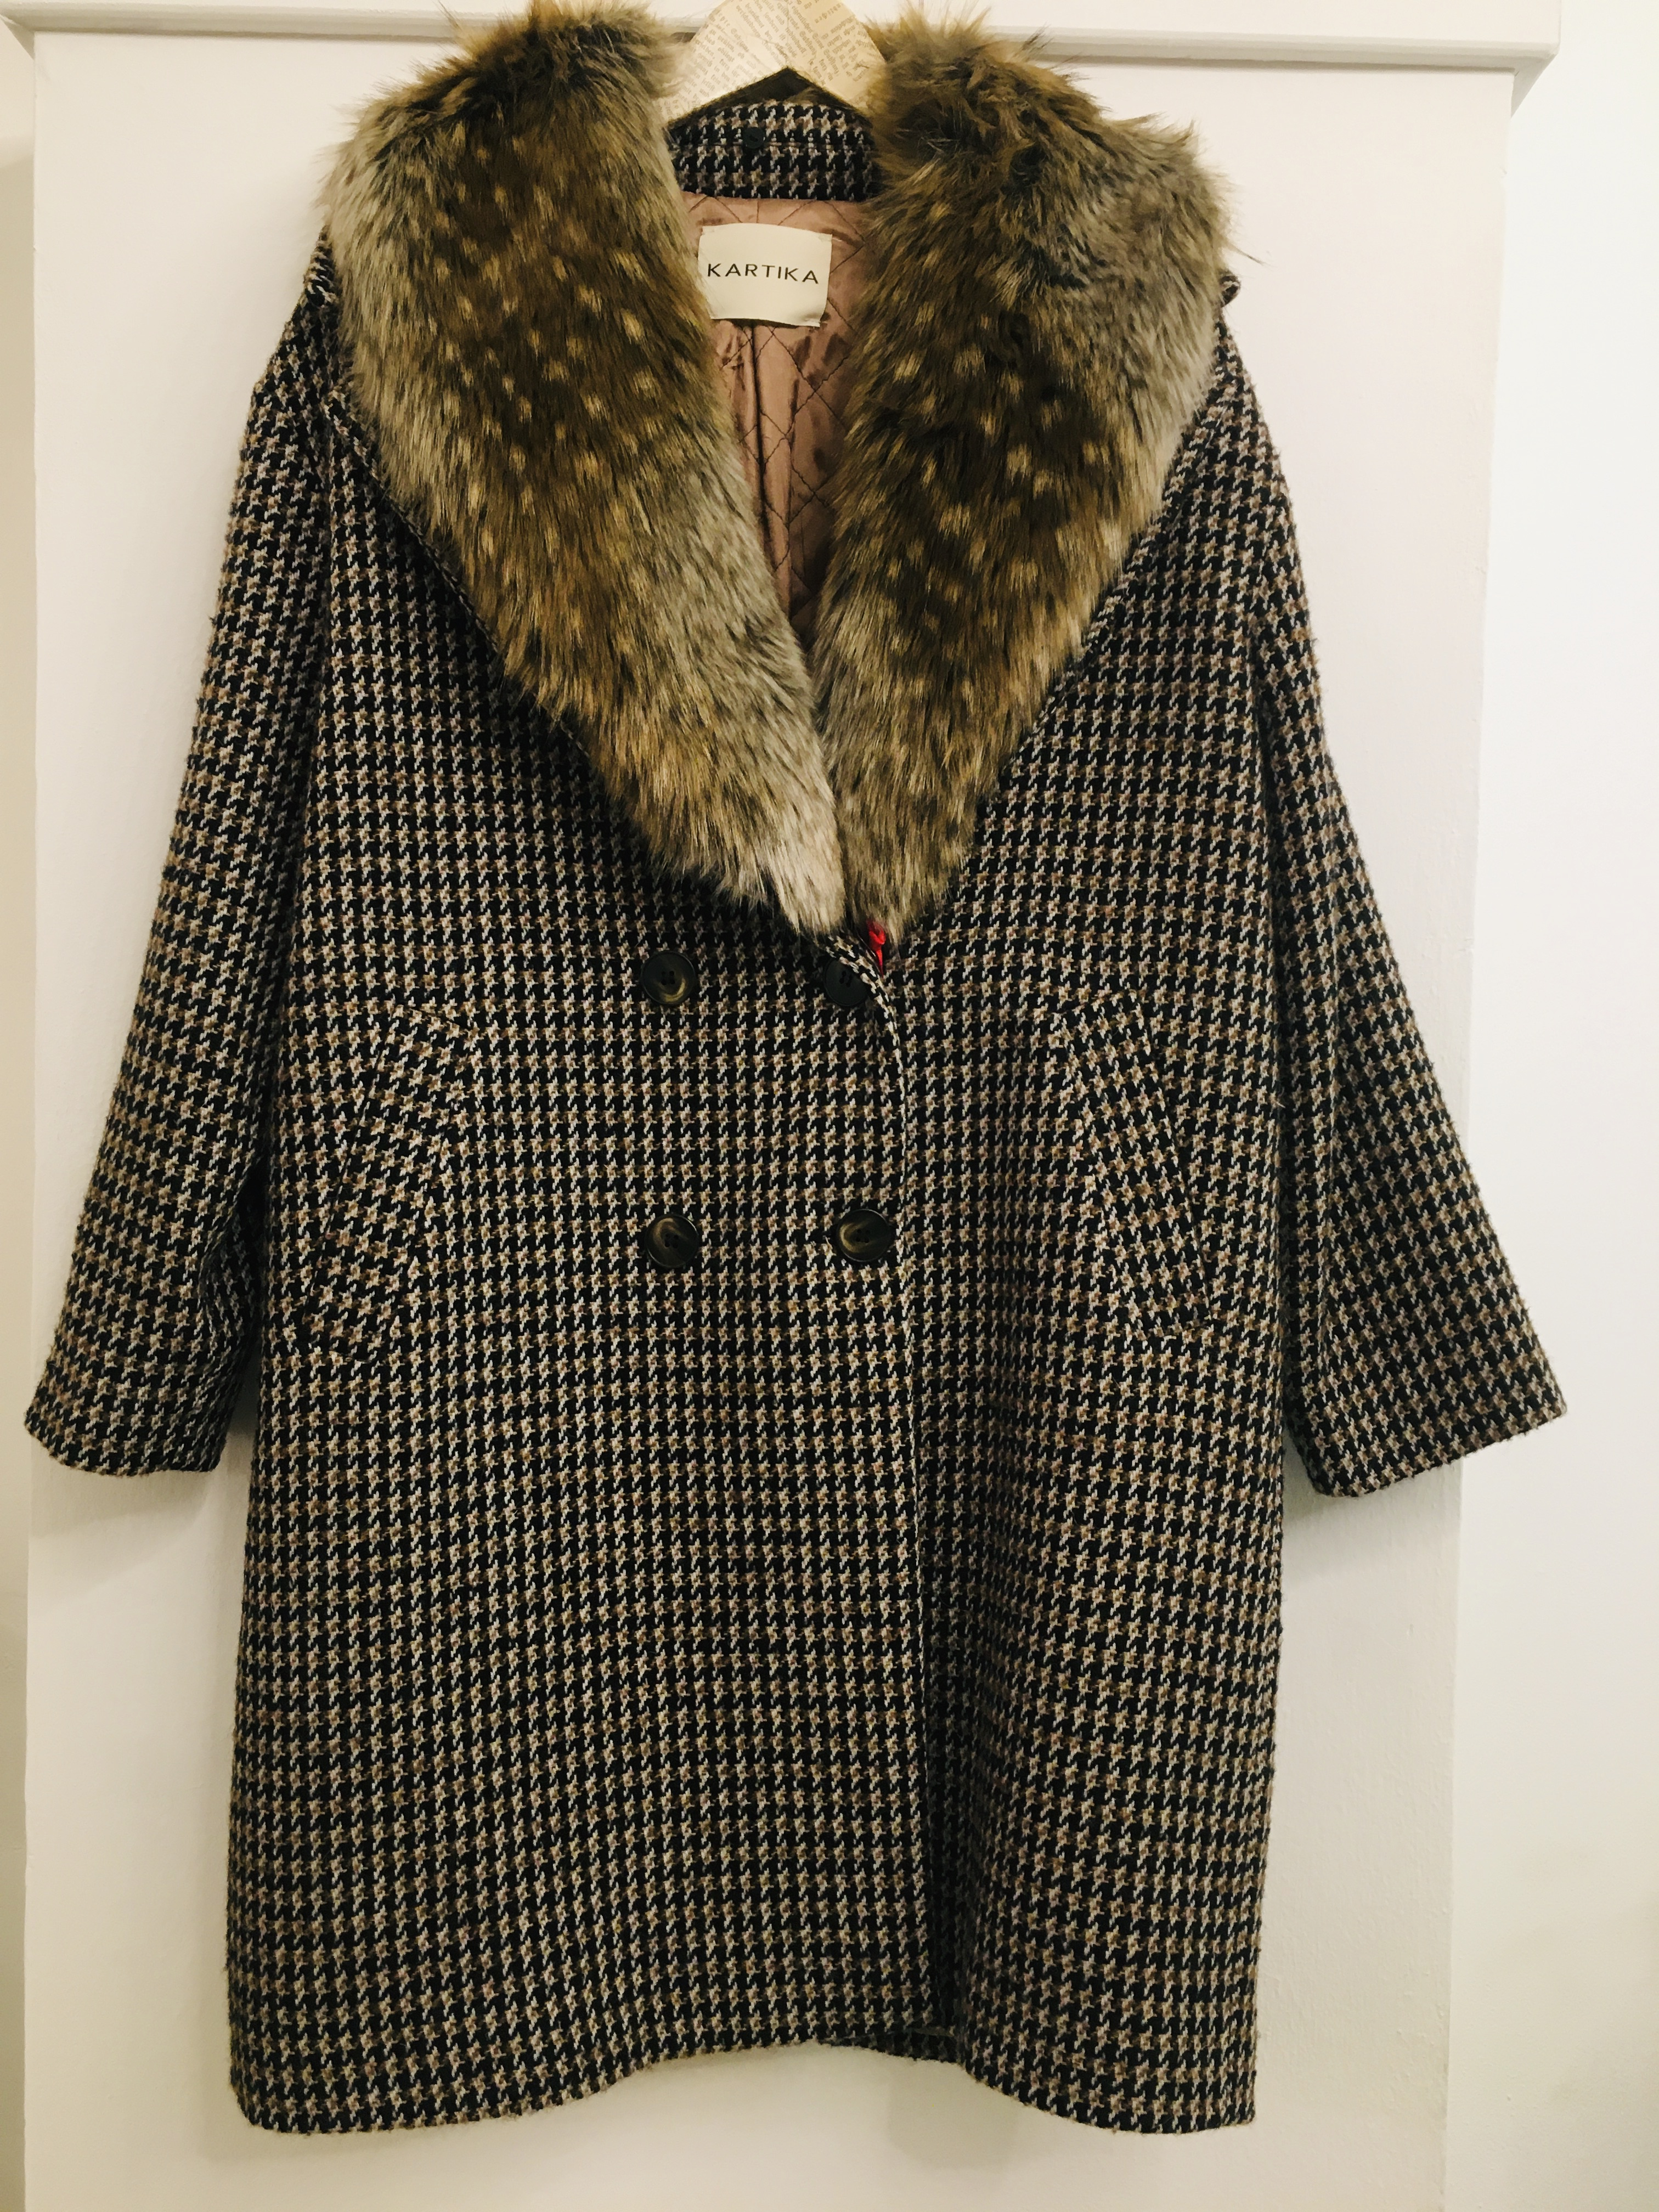 Cappotto donna  in lana  collo ecopelliccia  doppiopetto  nero,marrone e bianco  made in Italy